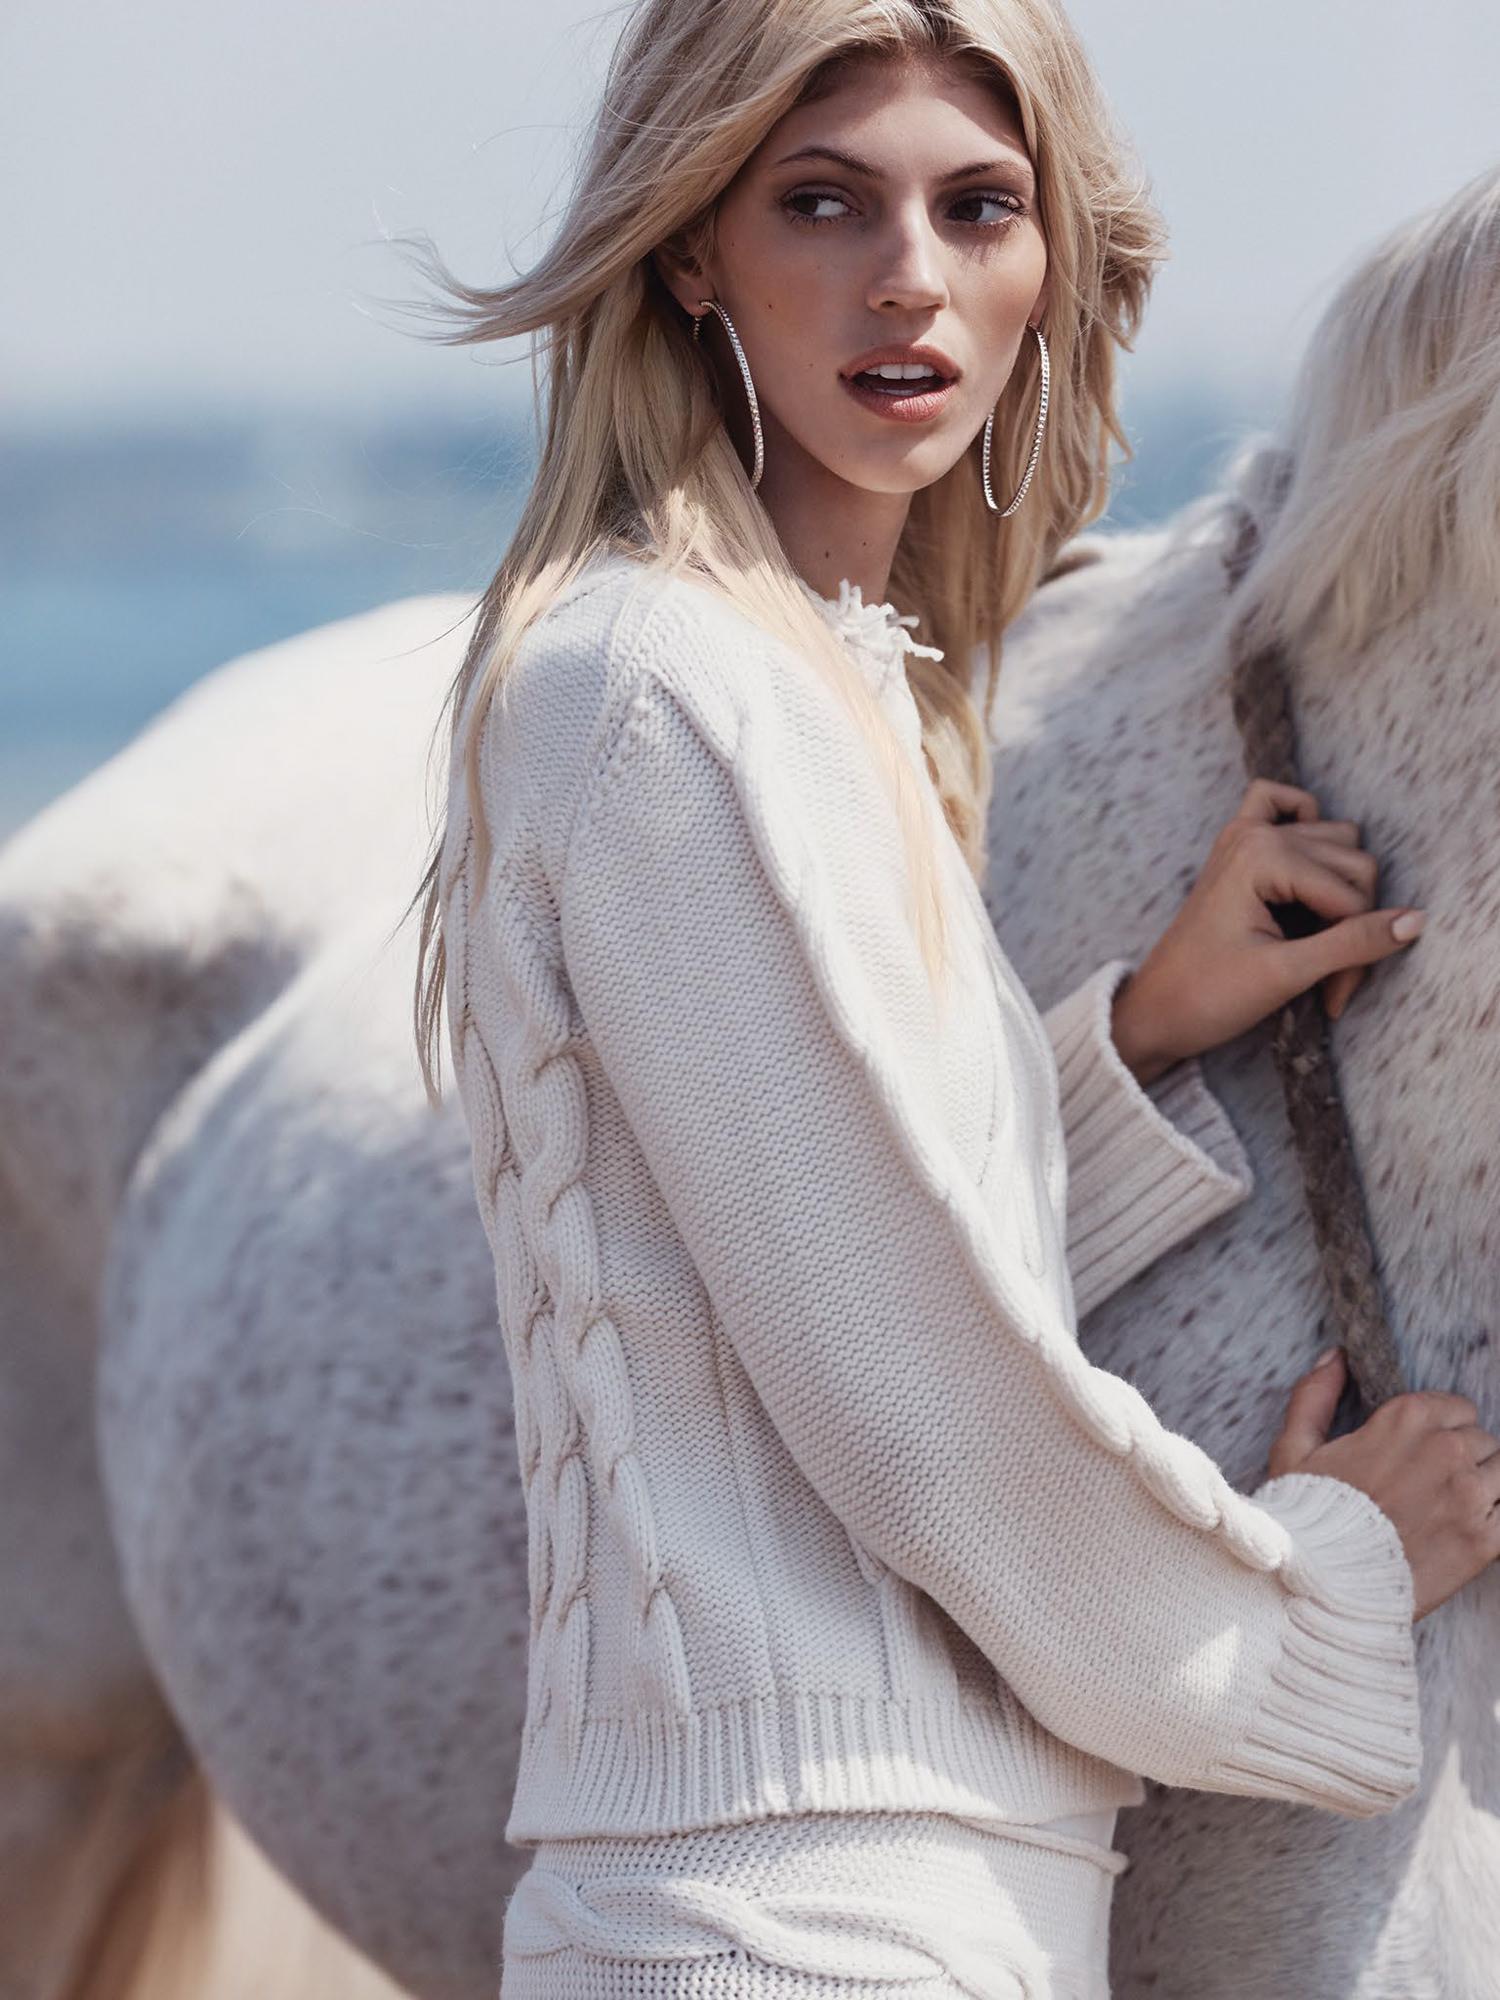 www.lacavalieremasquee.com | Dean Isidro for Vogue México November 2015 w/ Devon Windsor